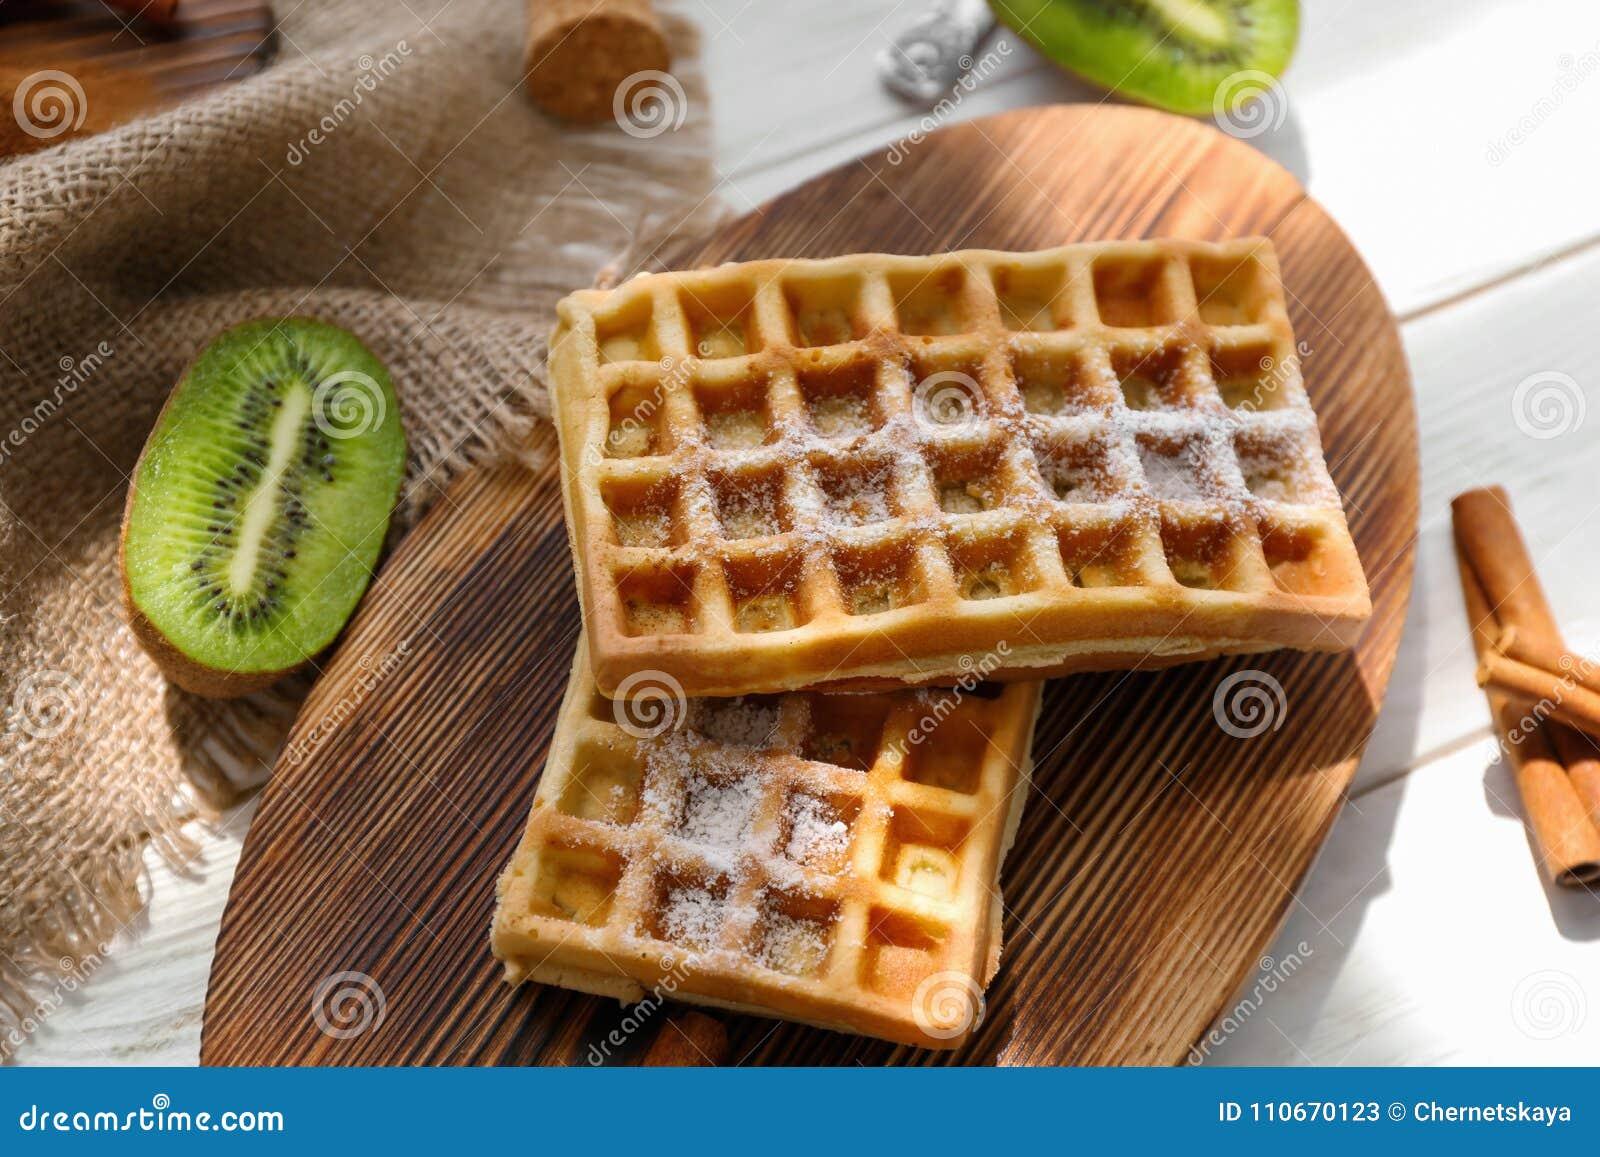 Tasty homemade waffles with sugar powder